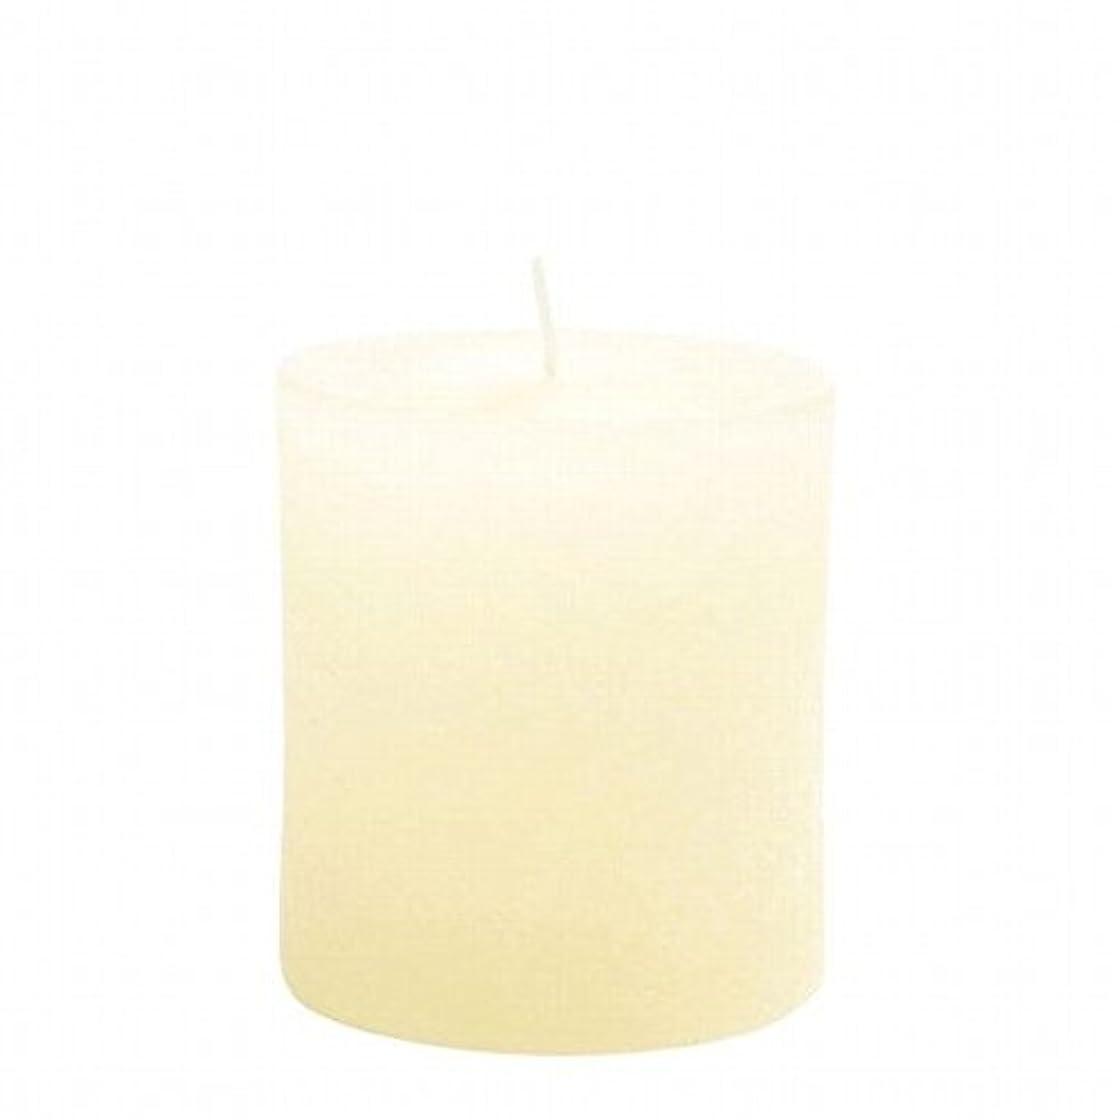 苦ジャケット探偵kameyama candle(カメヤマキャンドル) ラスティクピラー70×75 「 アイボリー 」(A4930010IV)